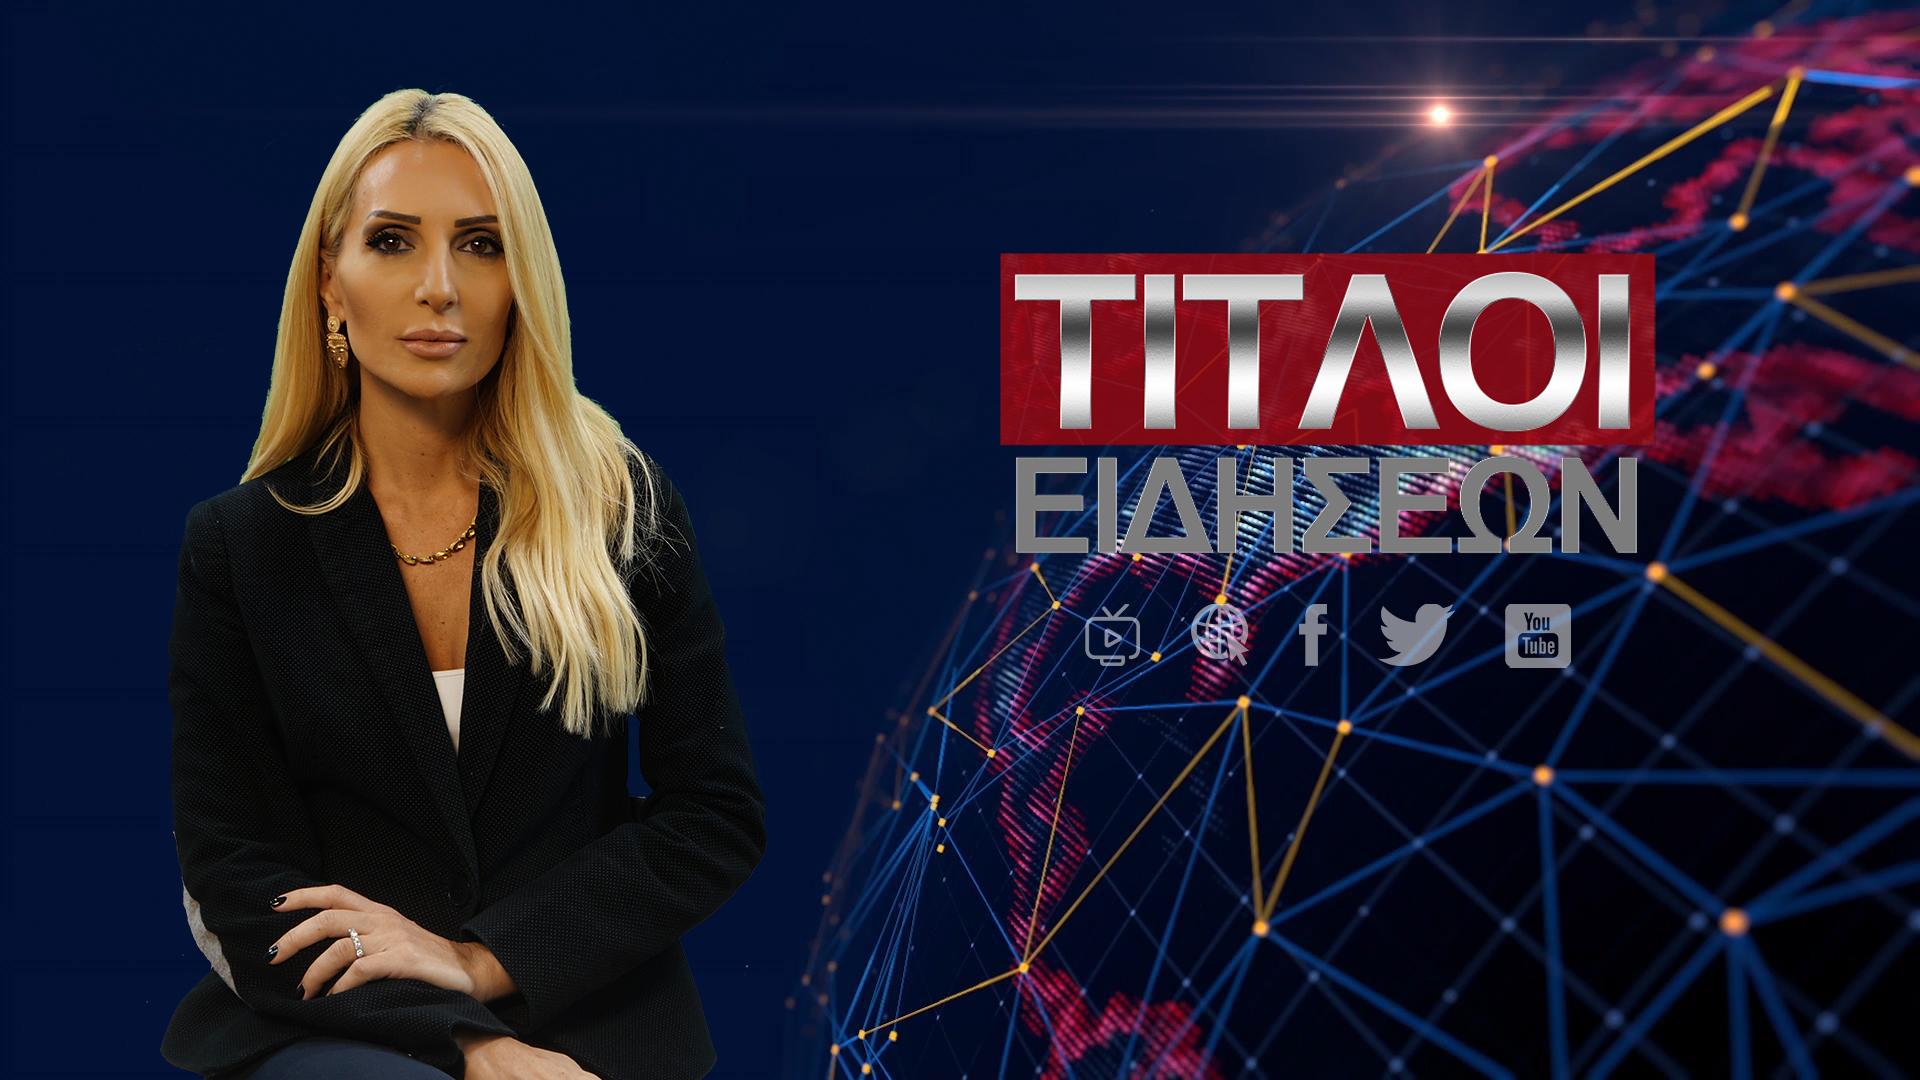 ΤΙΤΛΟΙ ΕΙΔΗΣΕΩΝ απο το Vouli.TV | 26 Ιανουαρίου 2021